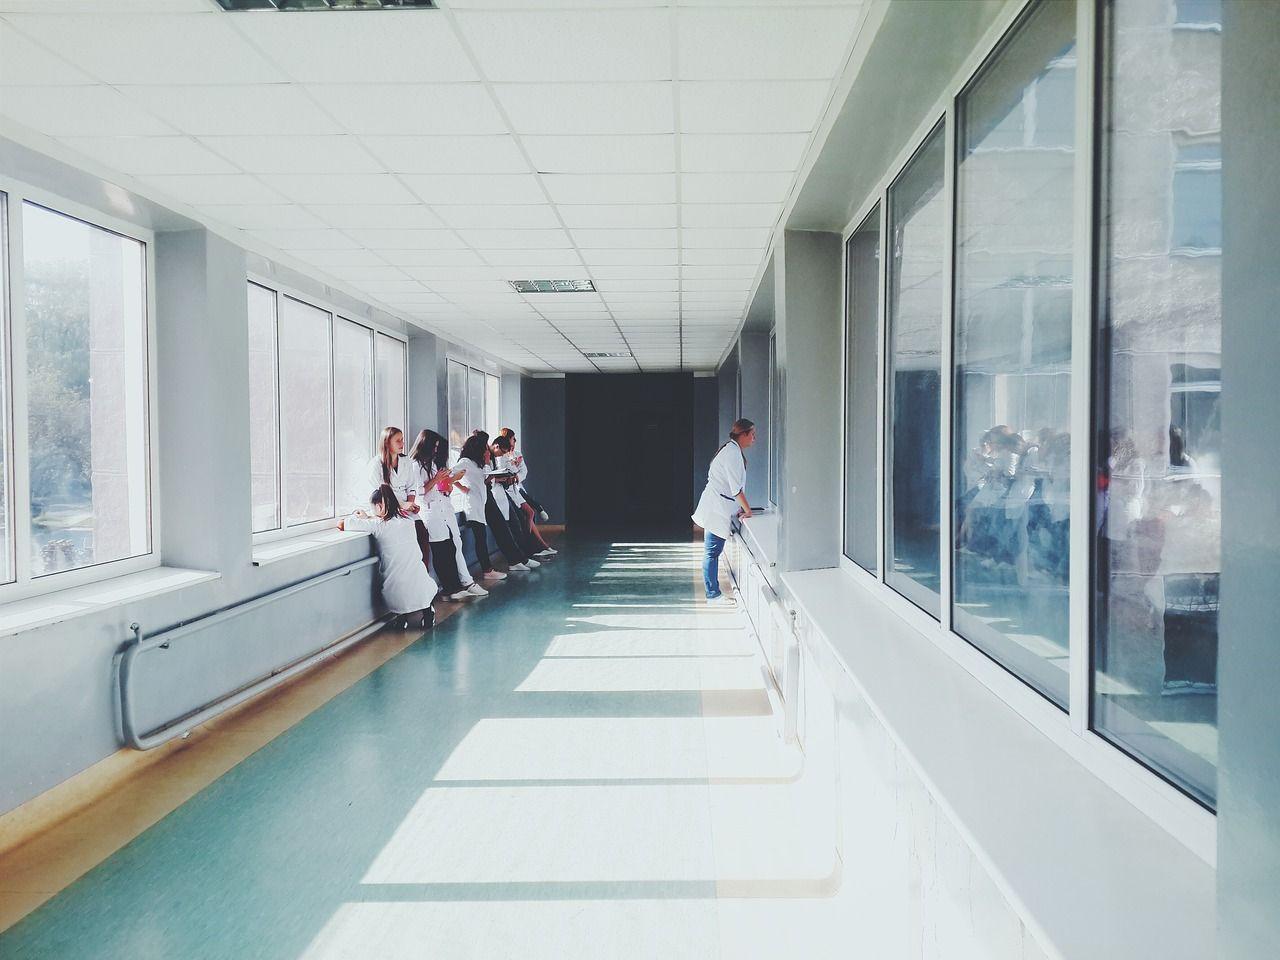 Paura in ospedale ad Acireale: ortopedico aggredito a colpi di forbici